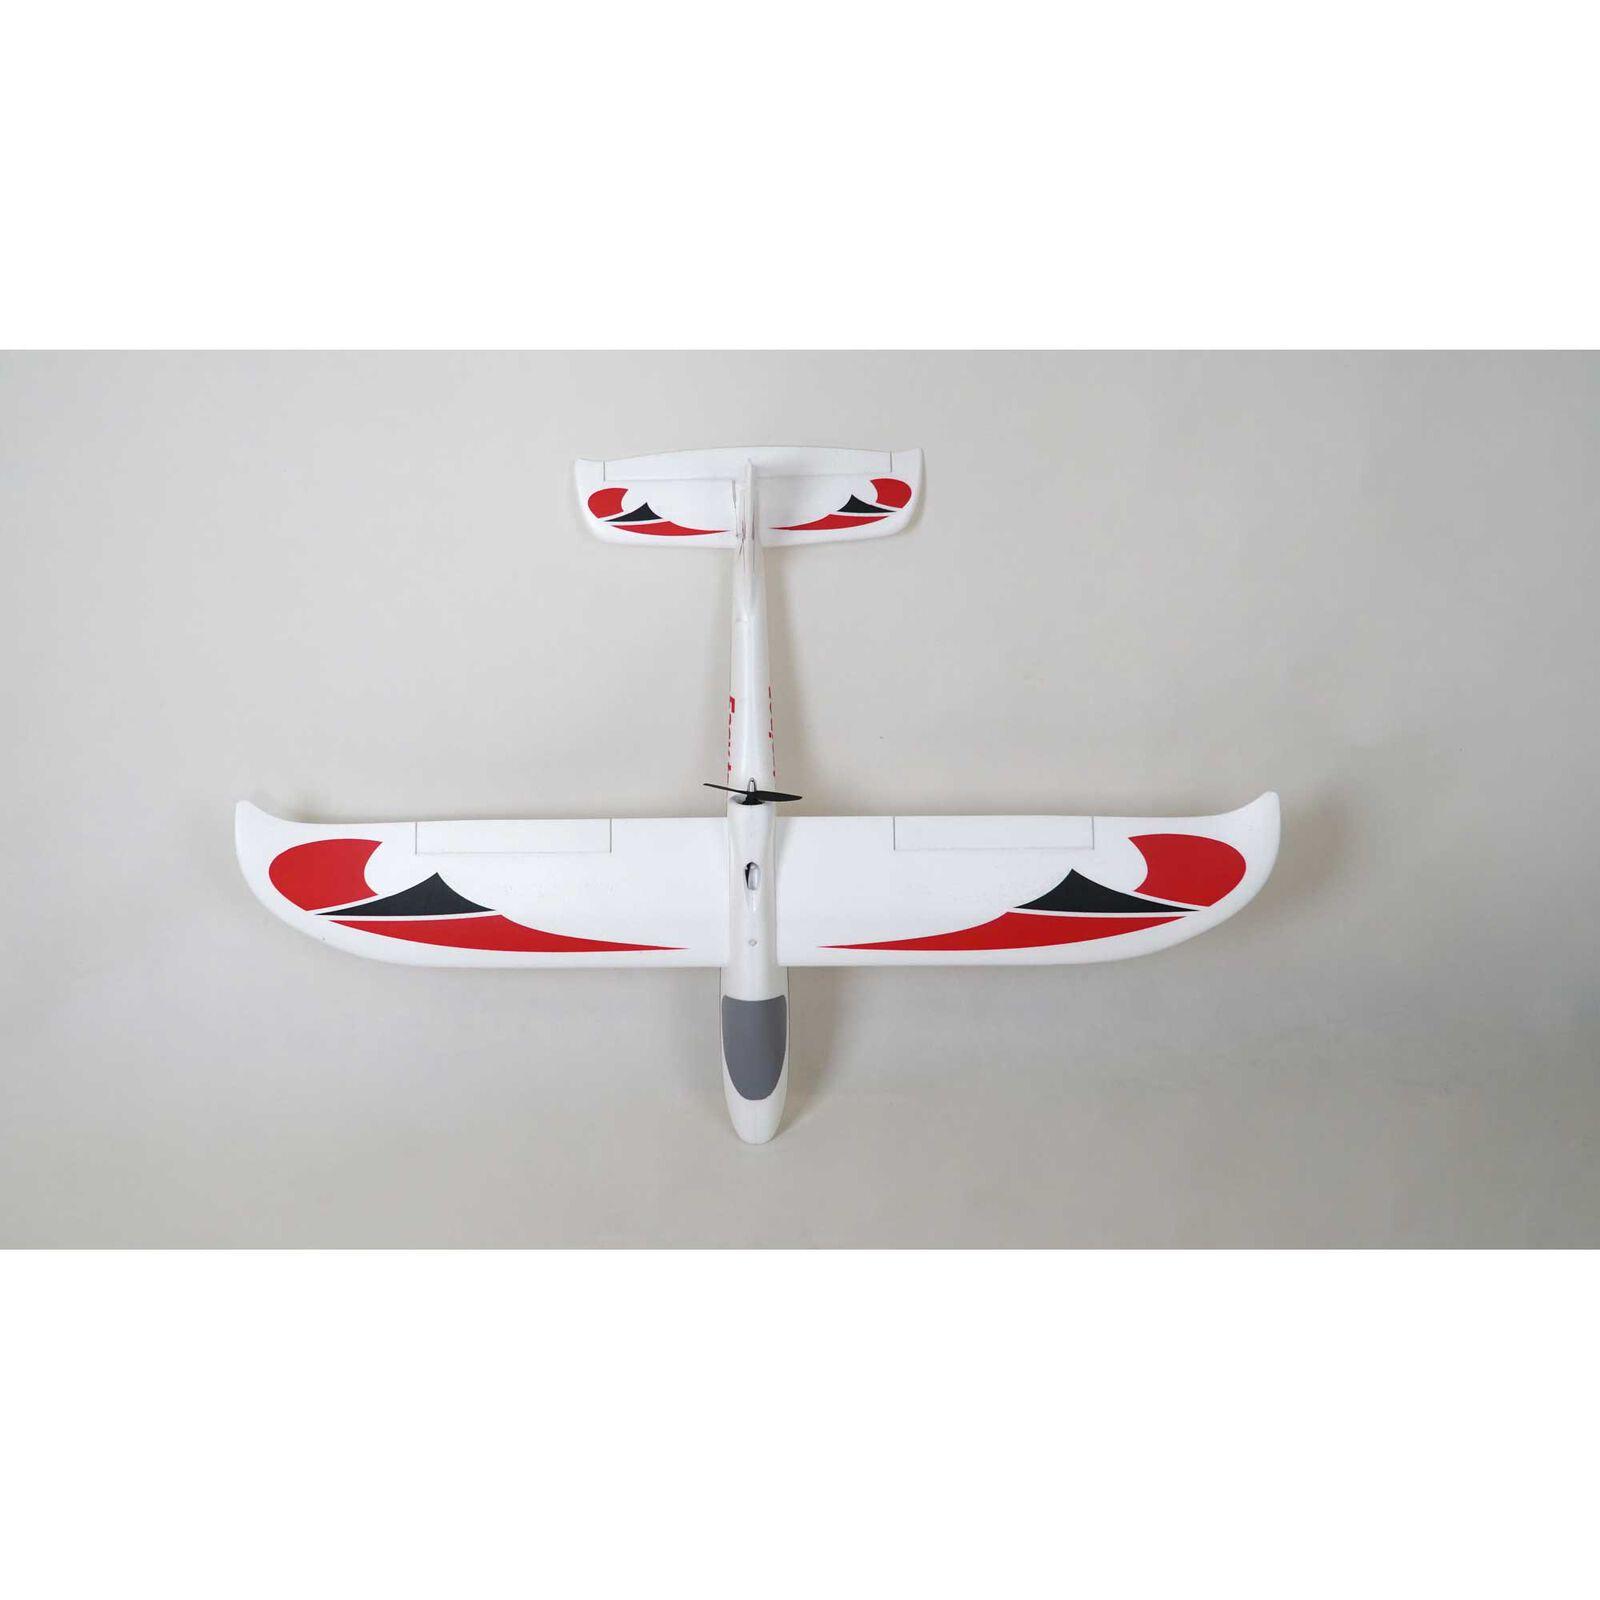 Easy Trainer 1280 V2 PNP